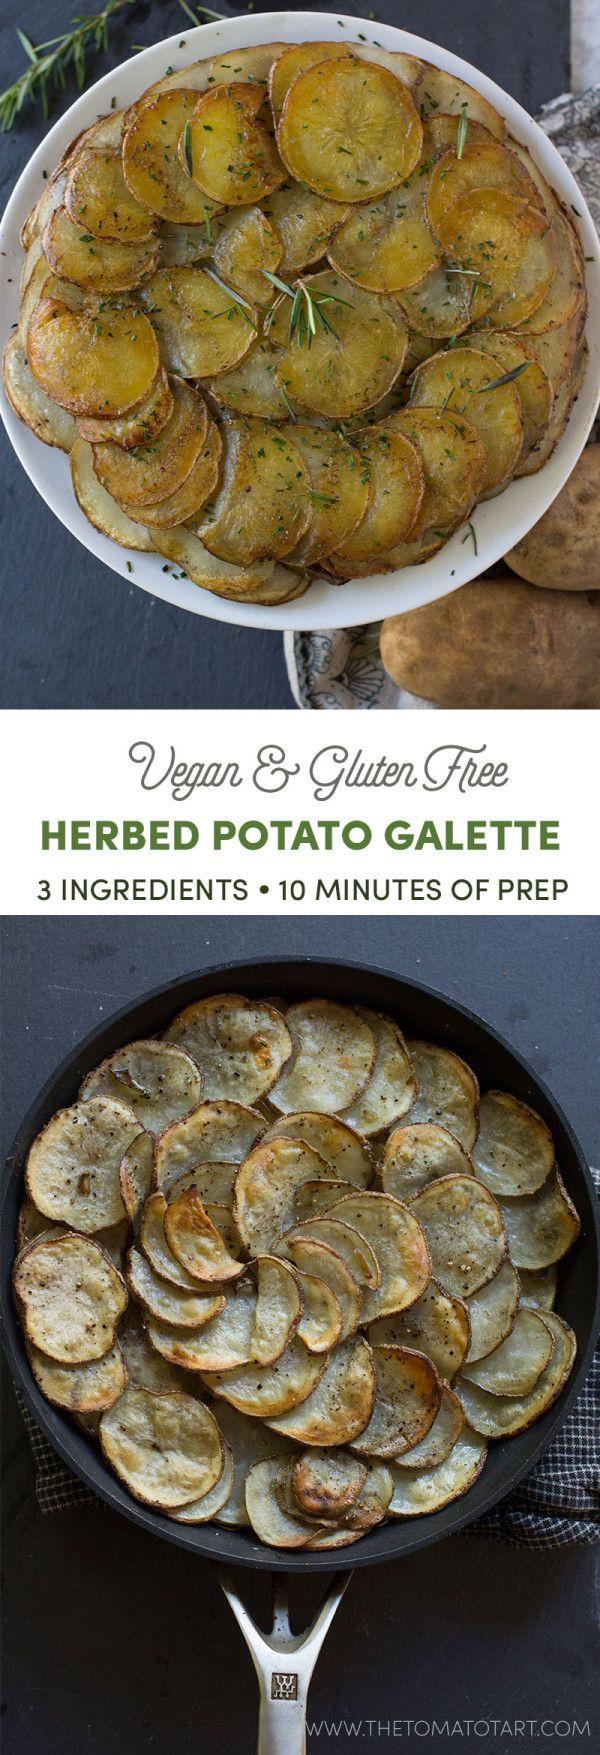 Gluten Free and Vegan Potato Galette Recipe via @thetomatotart